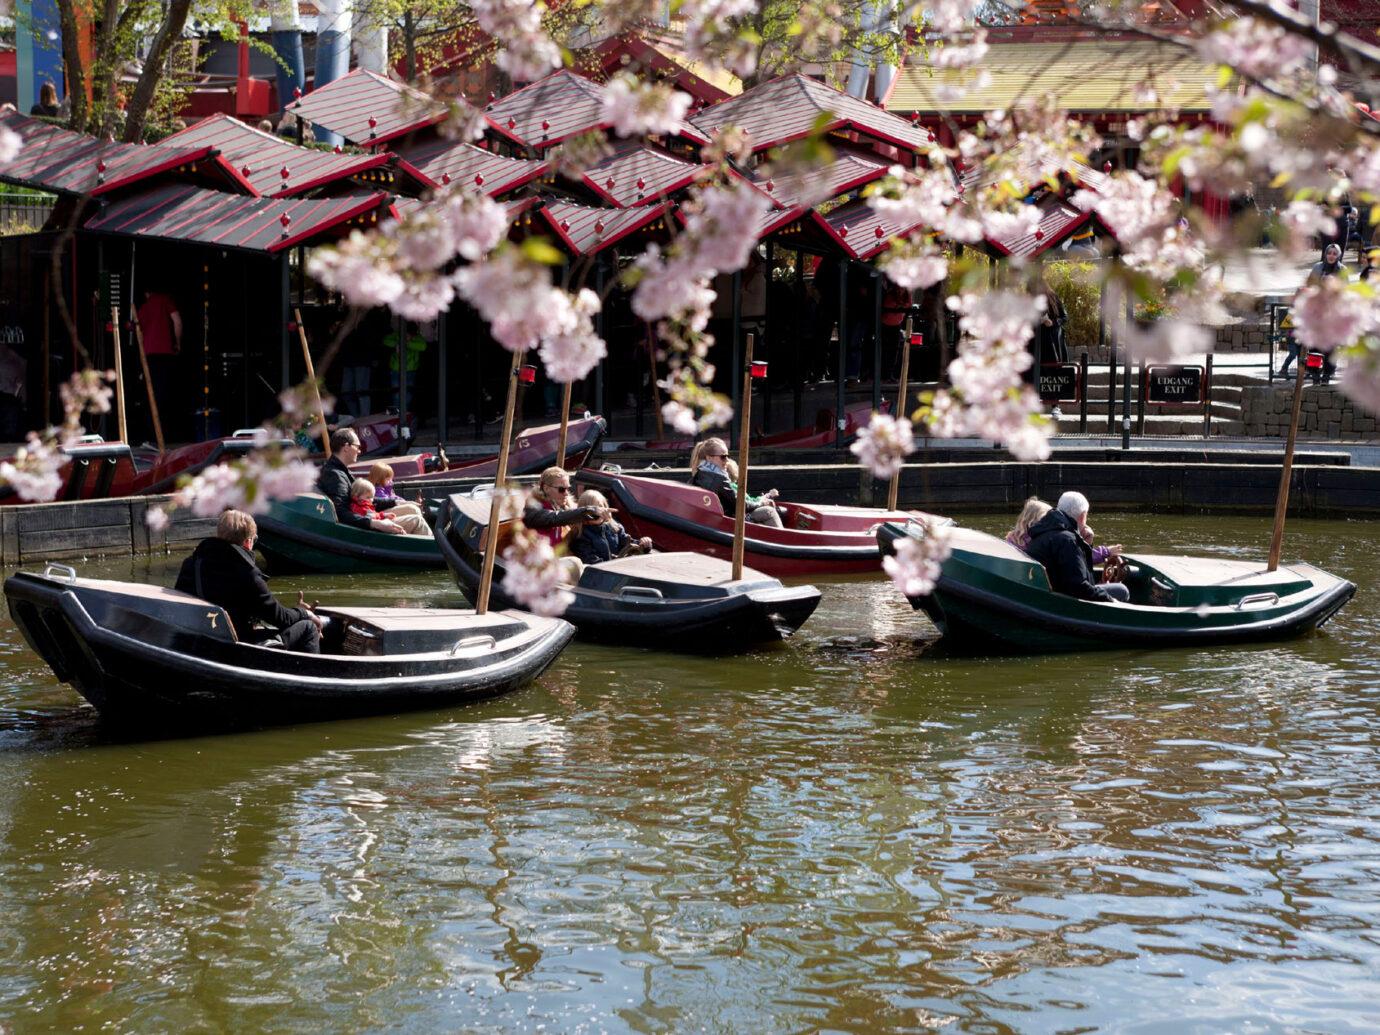 boat ride at Tivoli Gardens, Copenhagen, Denmark